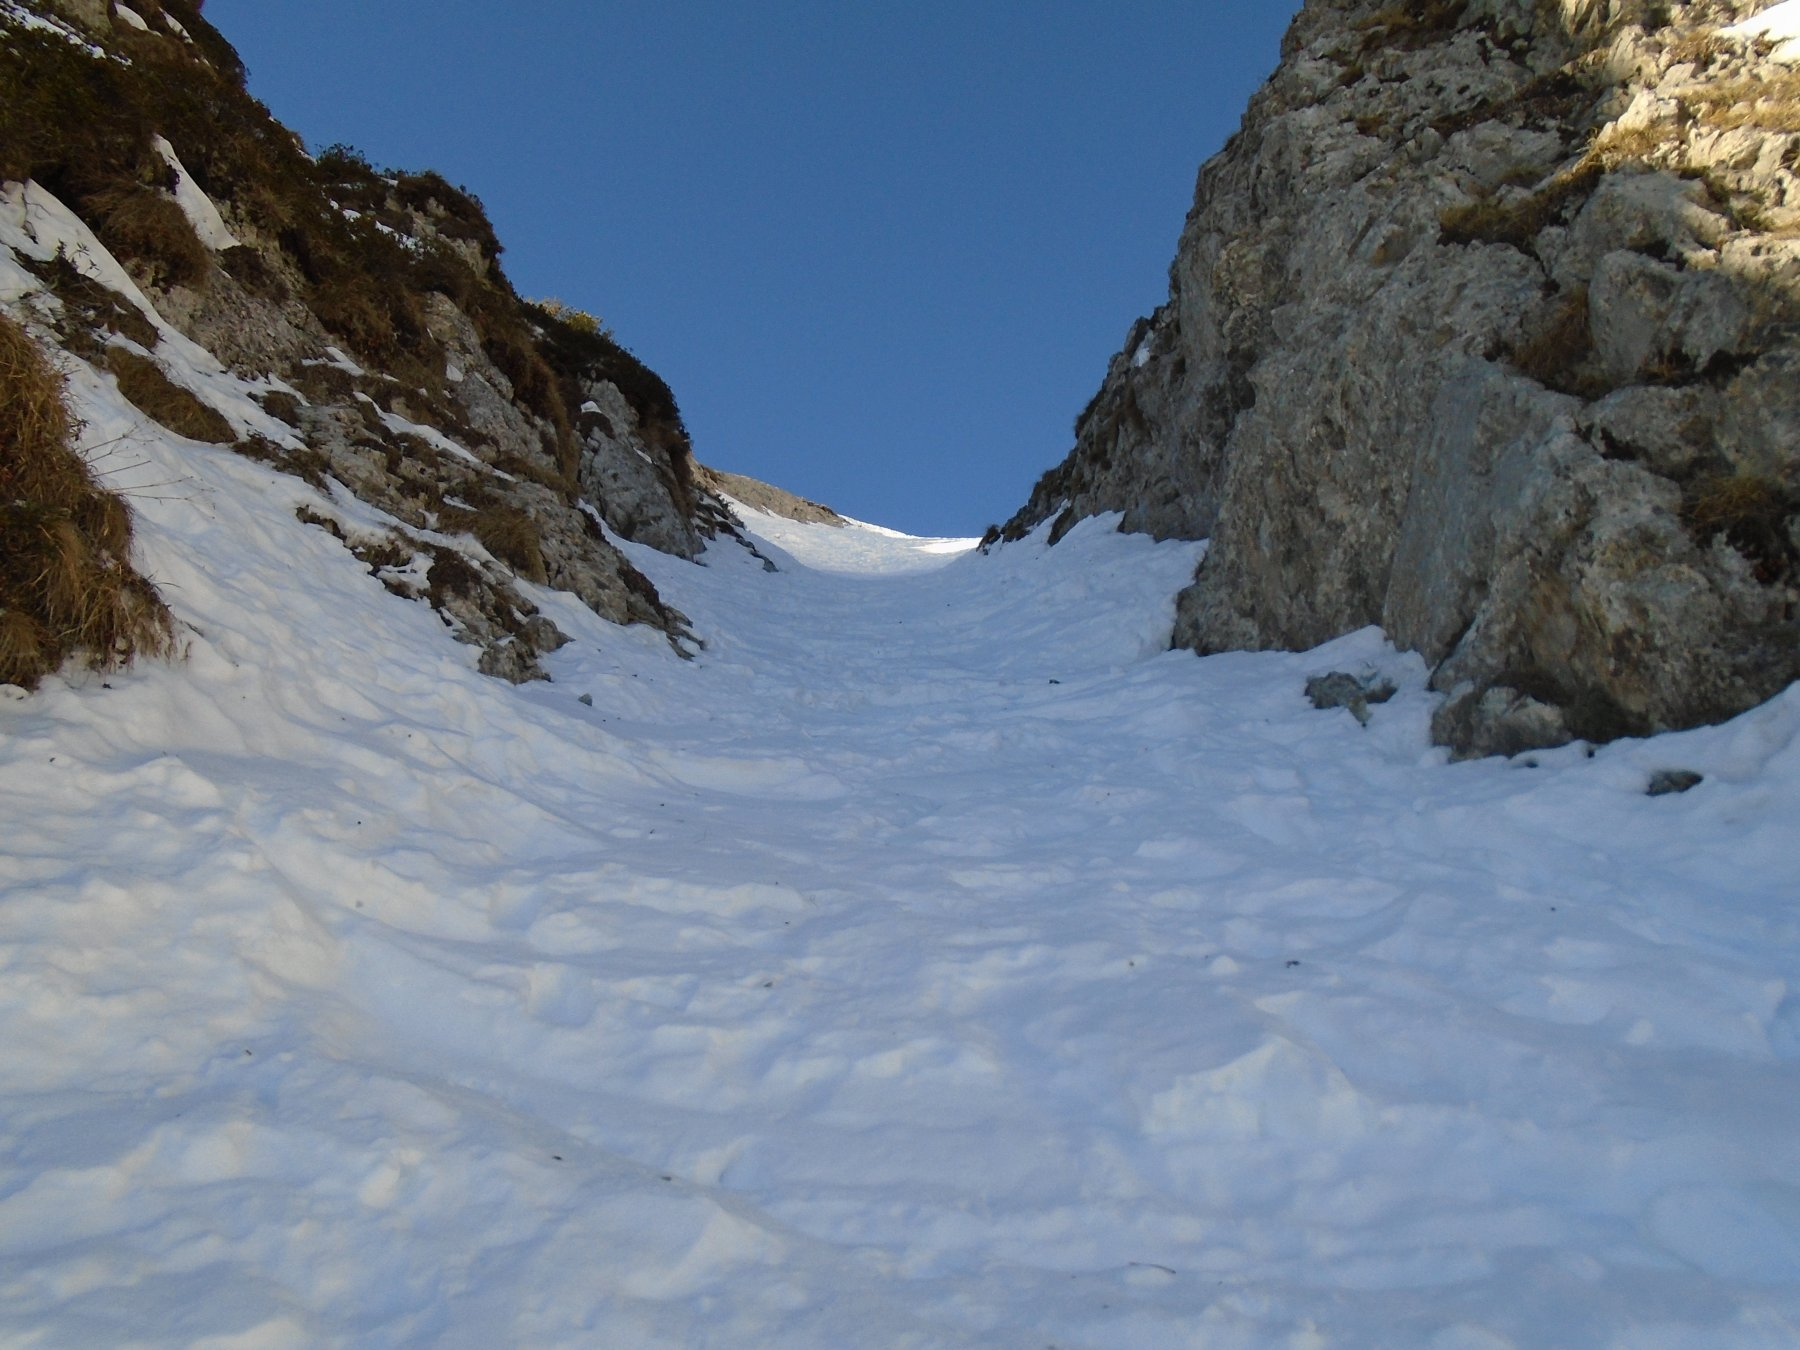 Nella strettoia si passa in sci scalettando